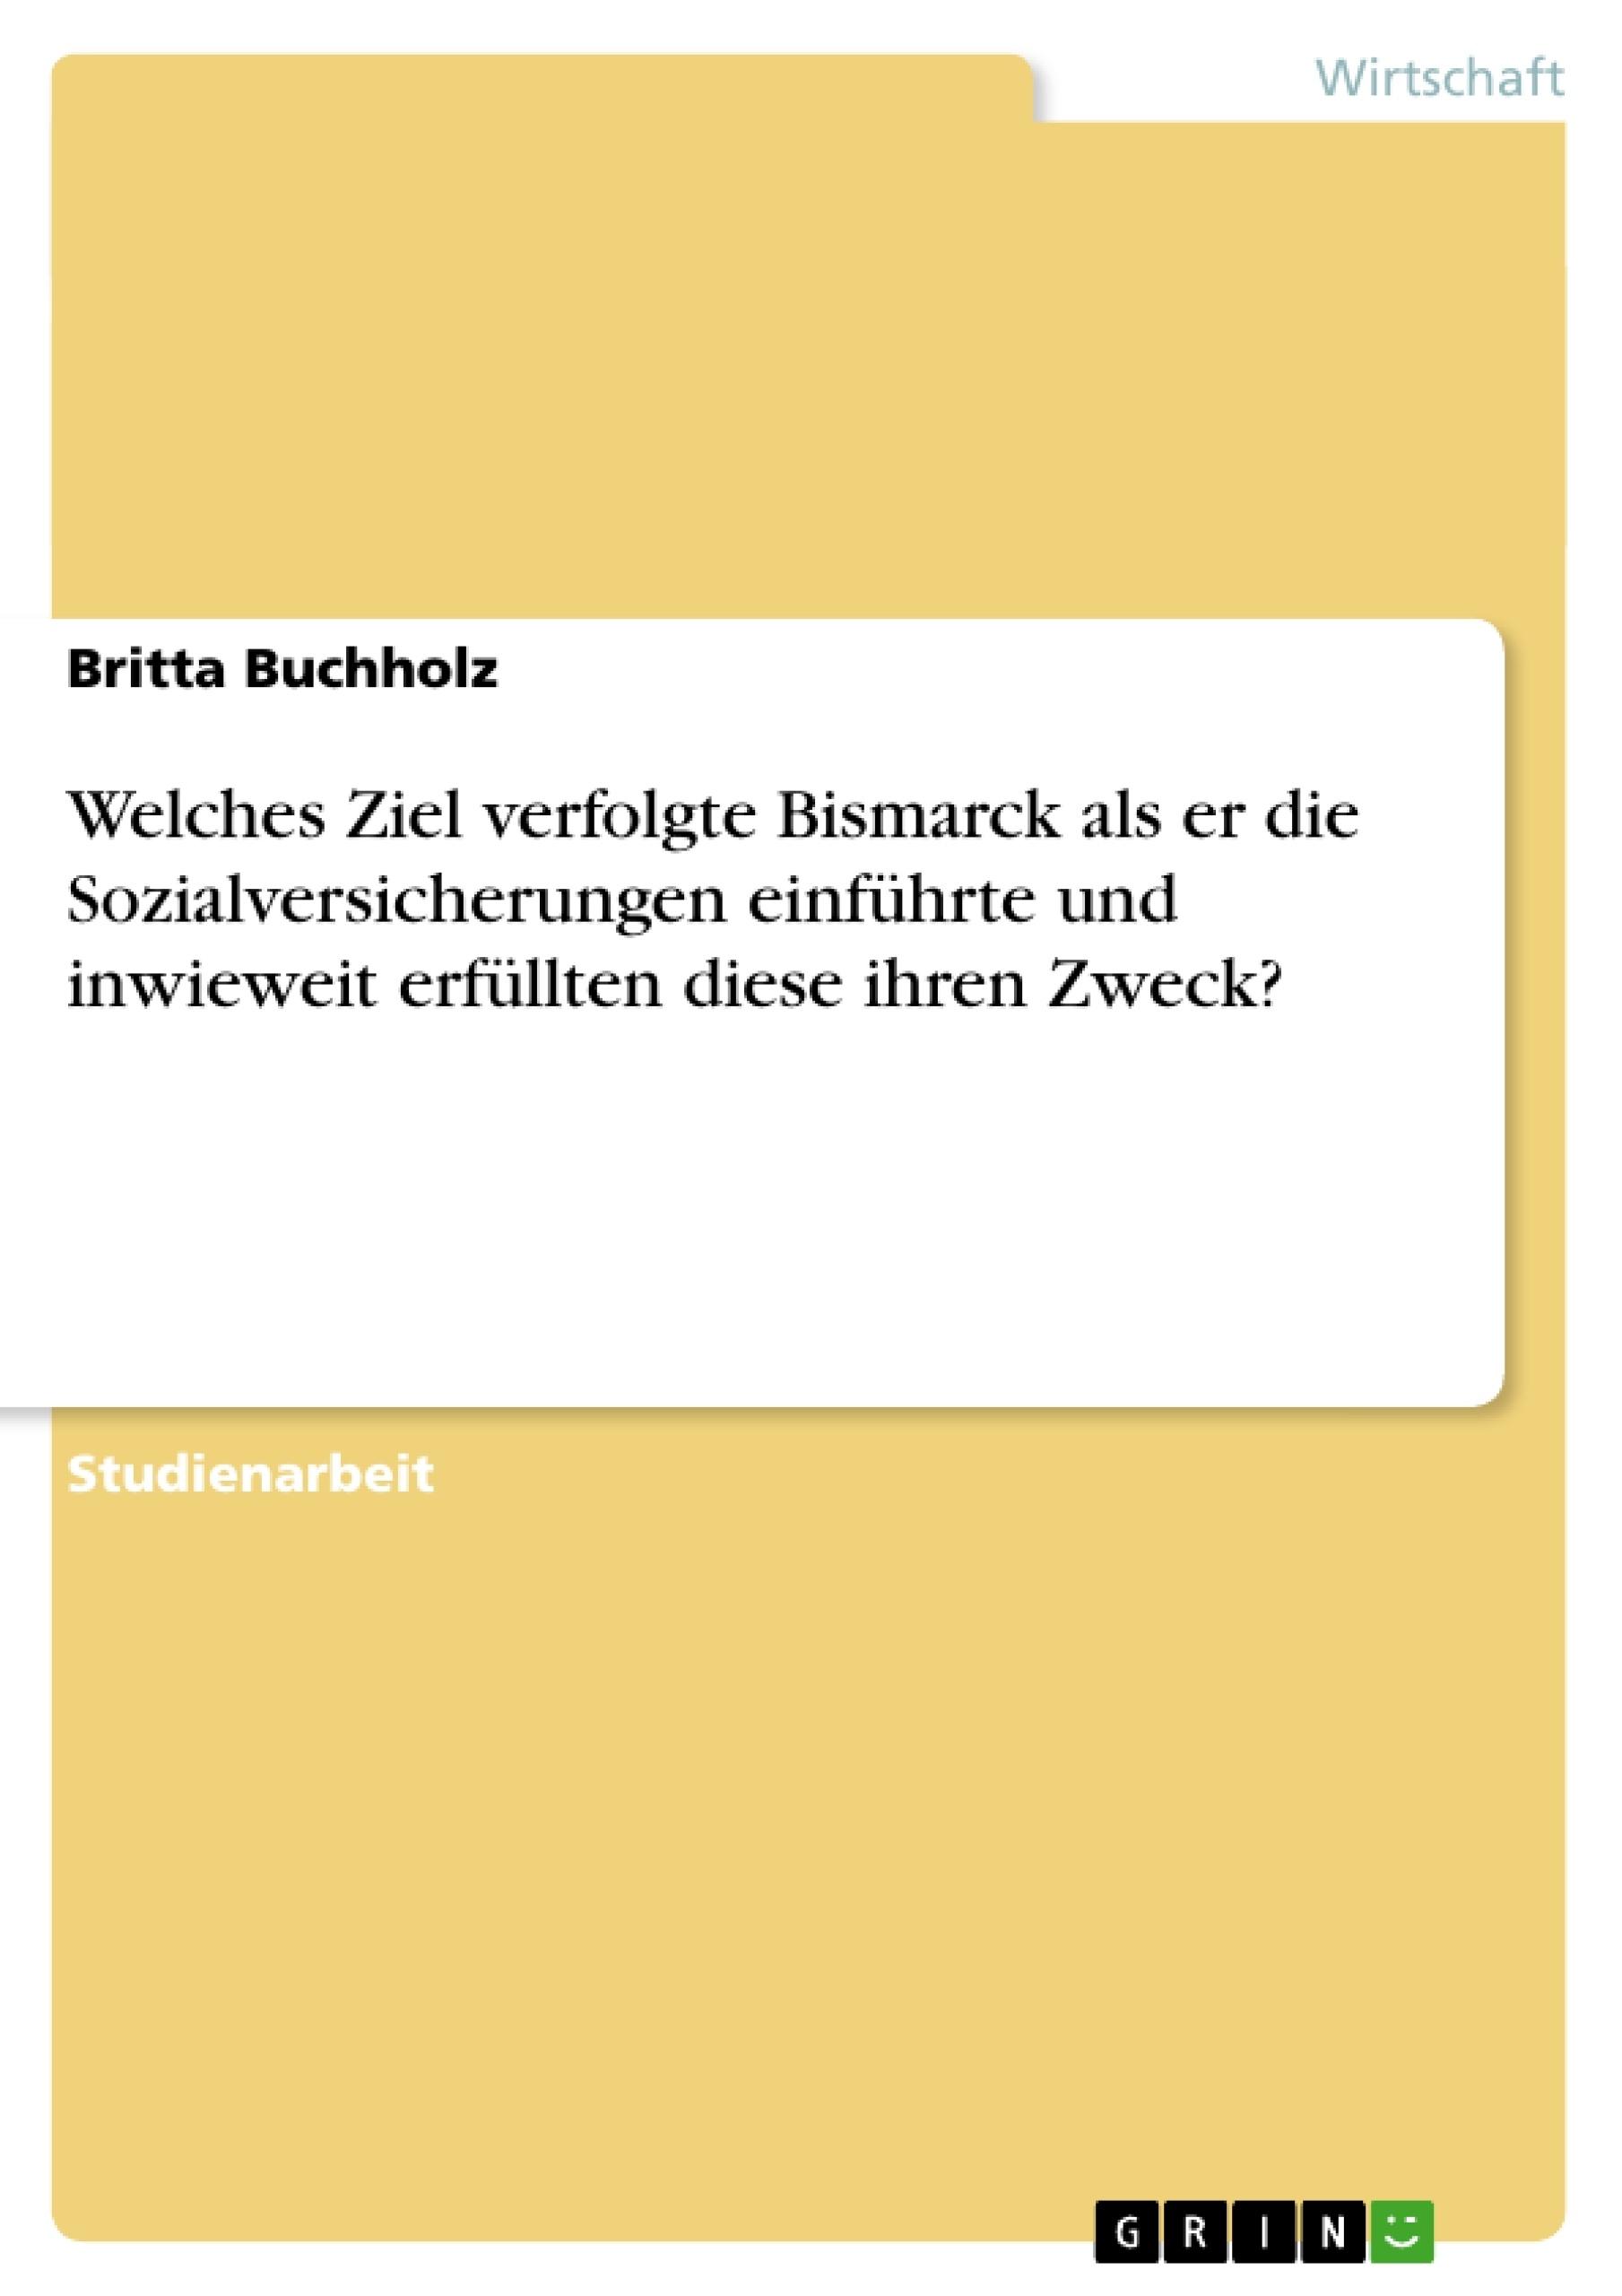 Titel: Welches Ziel verfolgte Bismarck als er die Sozialversicherungen einführte und inwieweit erfüllten diese ihren Zweck?